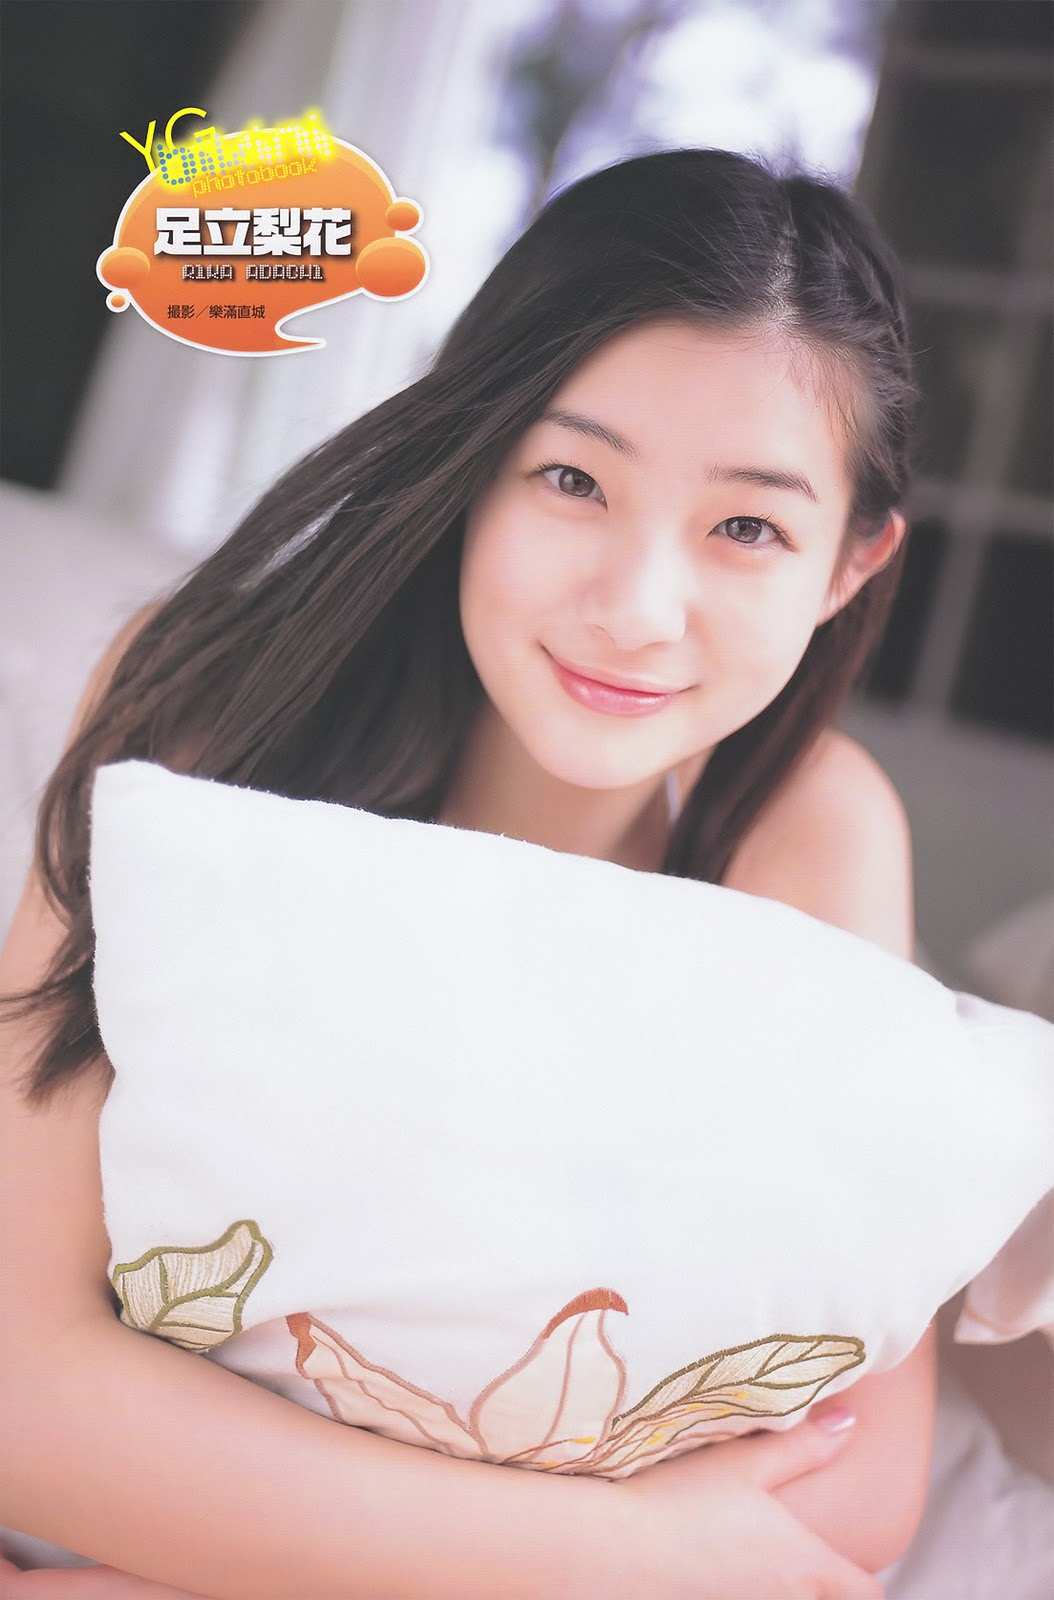 박보영 fake porntumblr연예인합성 fake nude archive1yuuji.moe-nifty